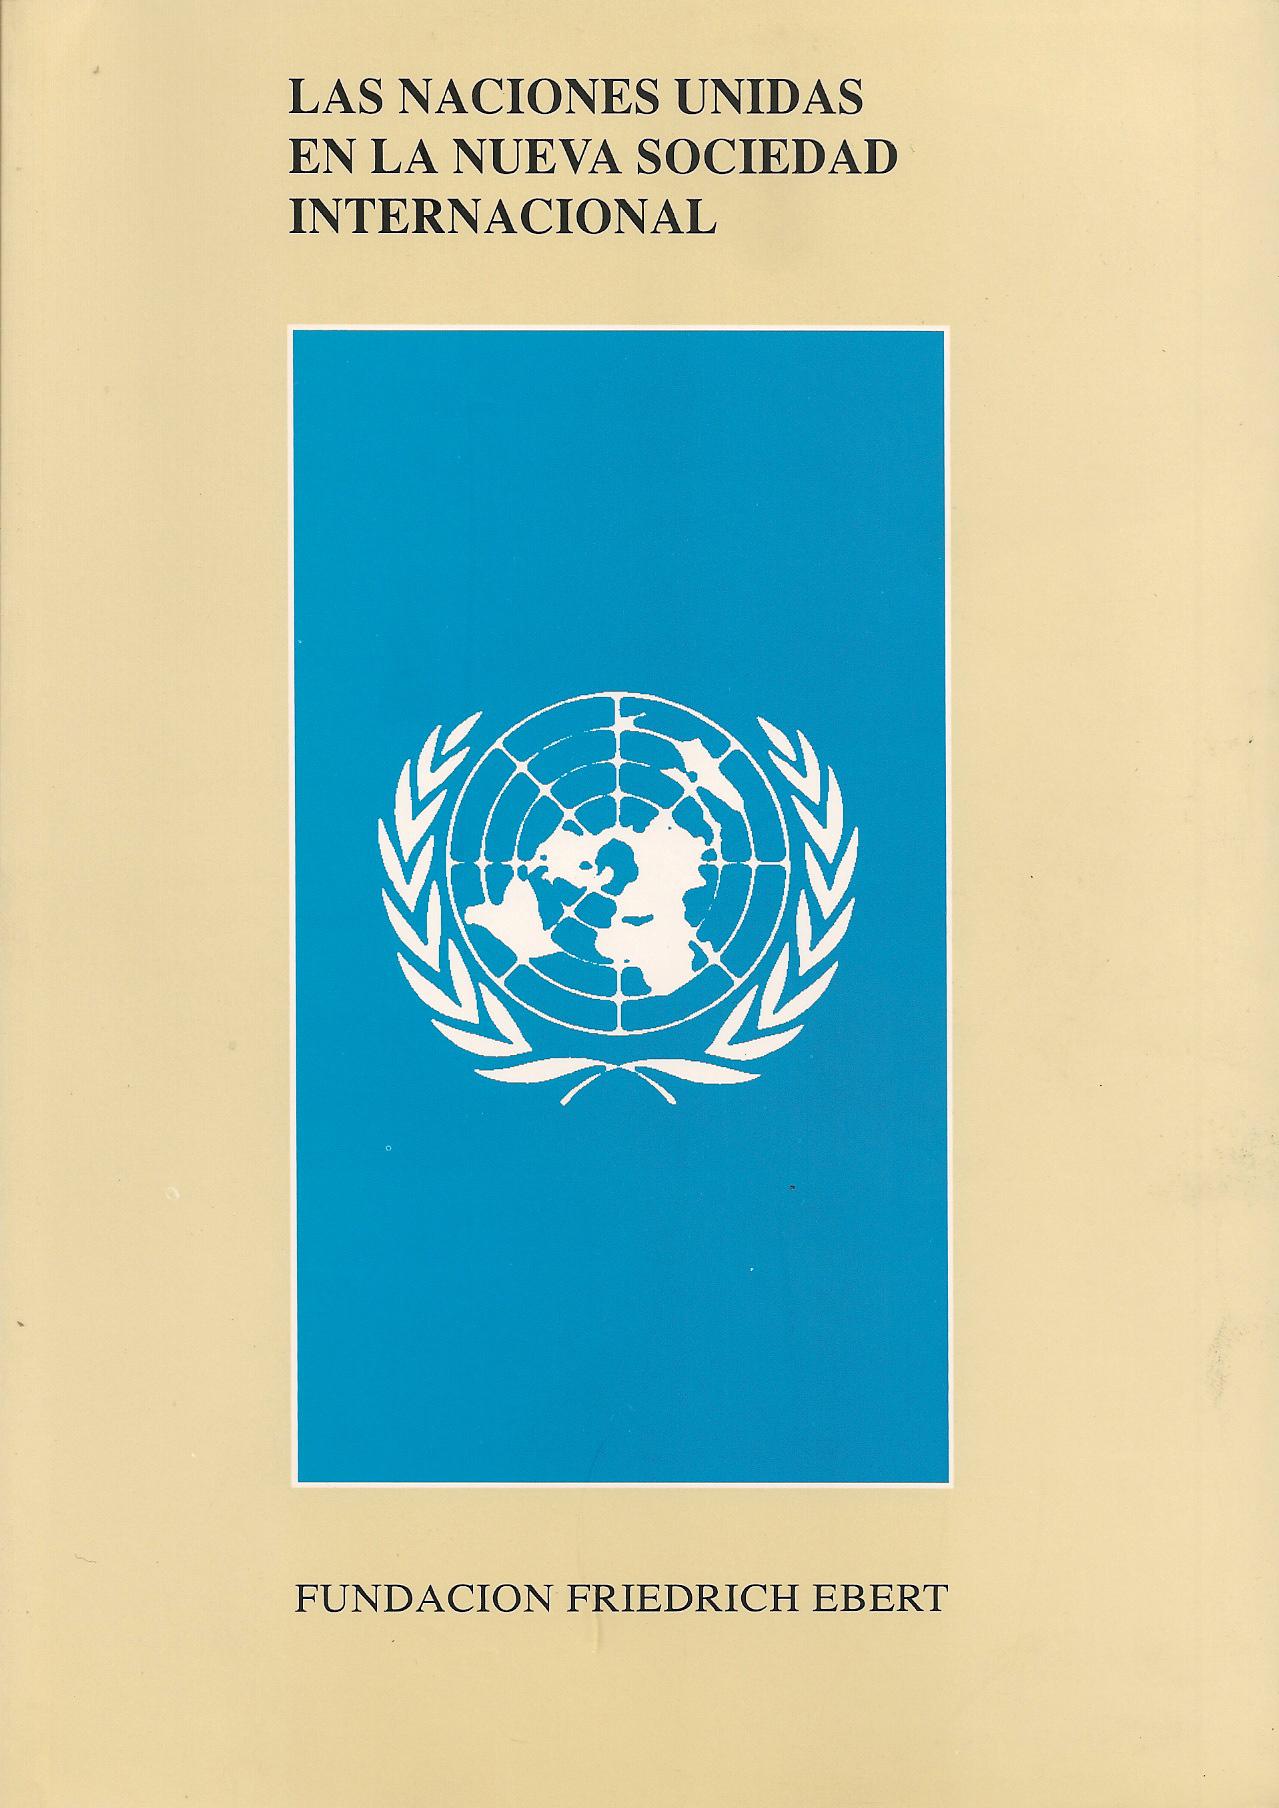 Las Naciones Unidas en la nueva sociedad internacional